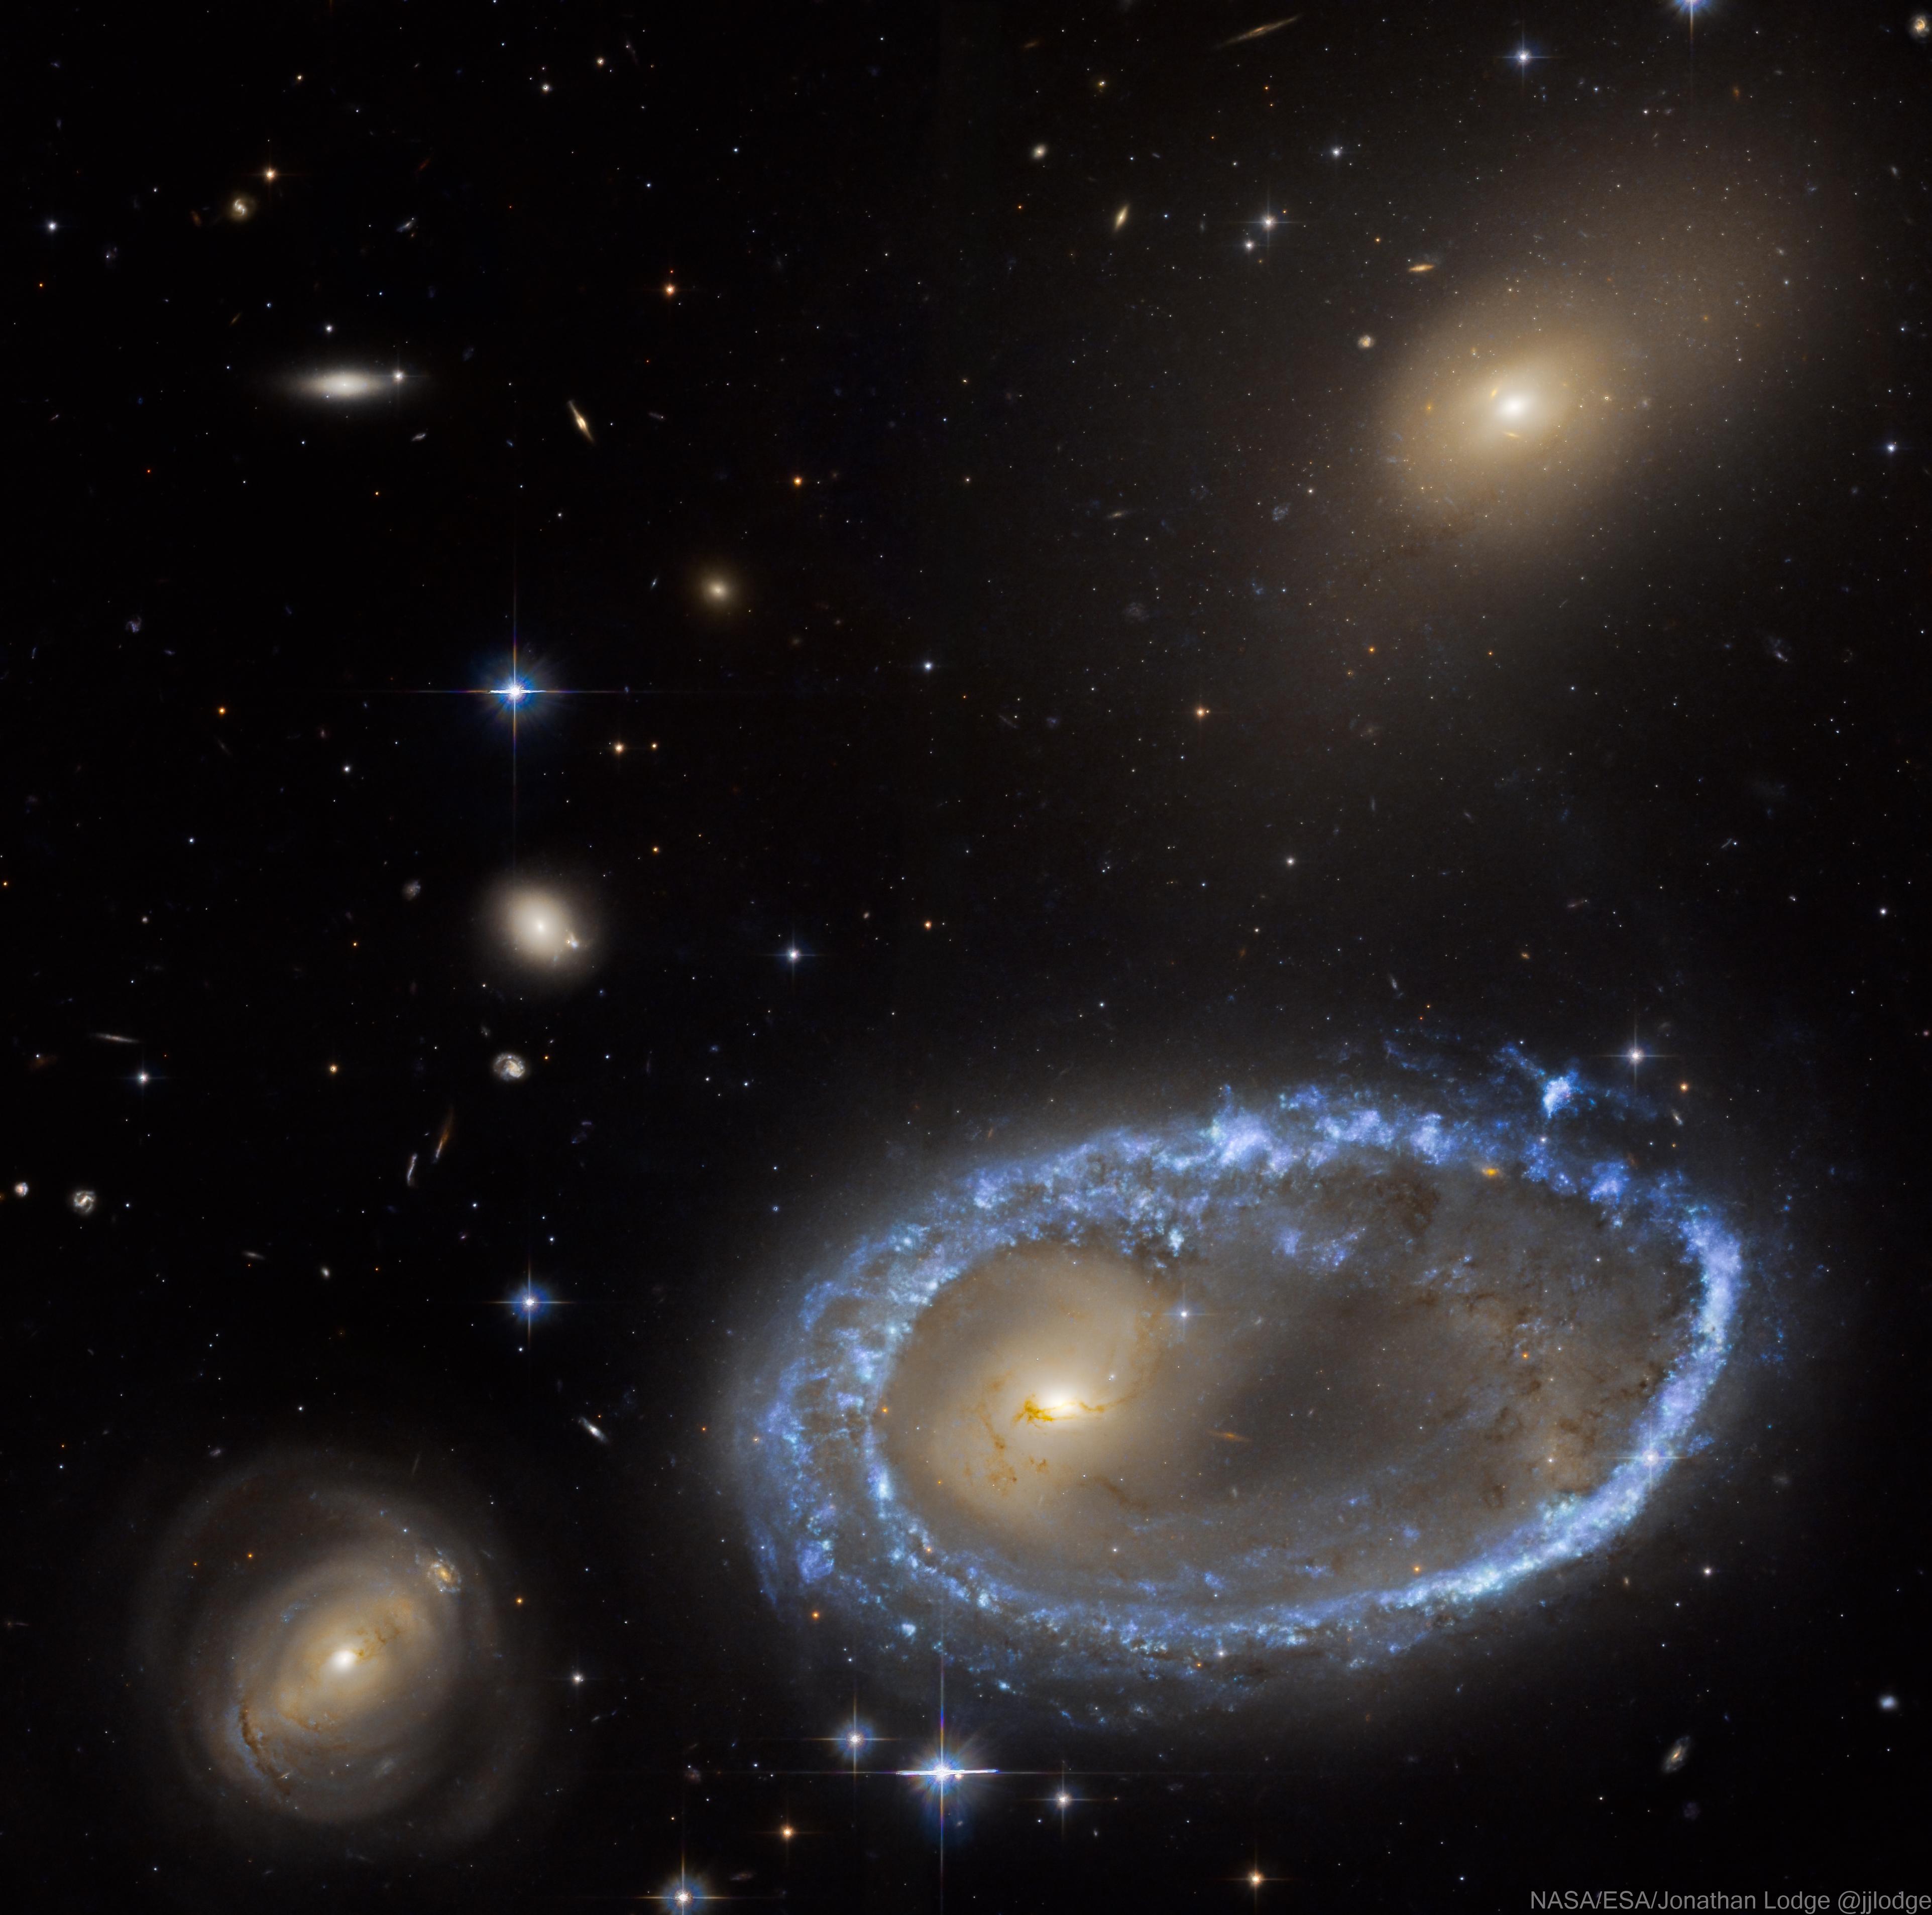 Ring Galaxy AM 0644-741